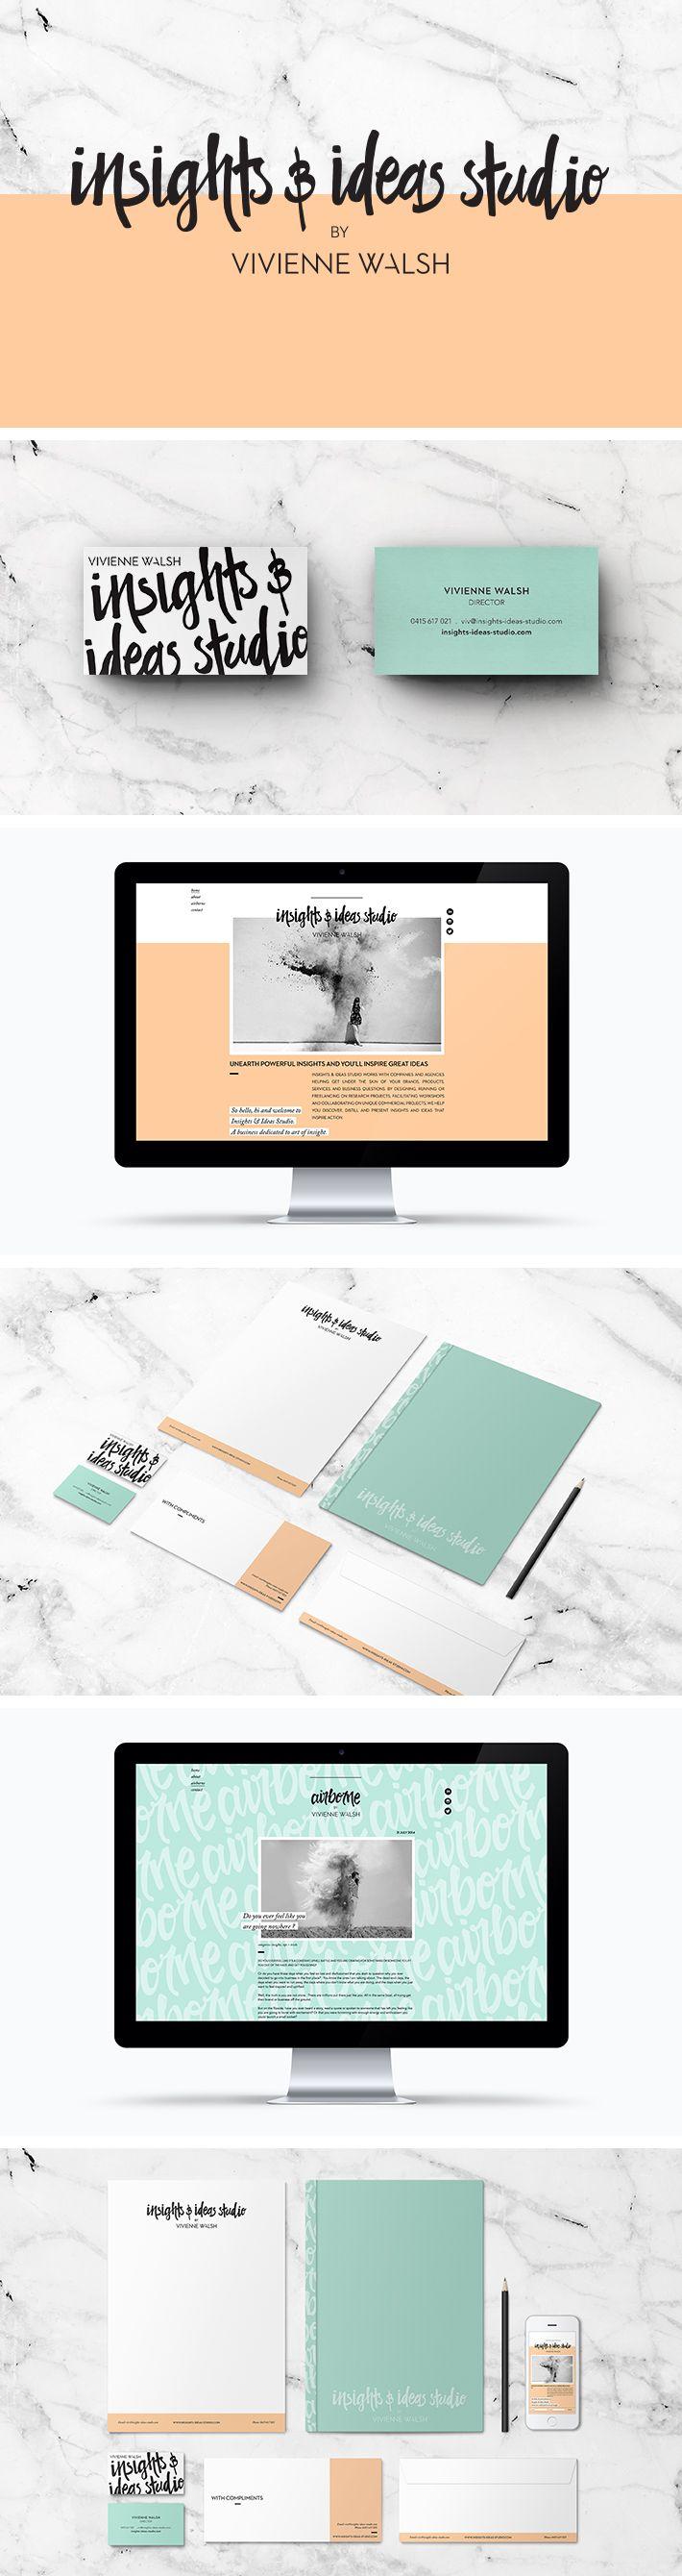 Home front tor design katalog  best branding i love images on pinterest  brand design